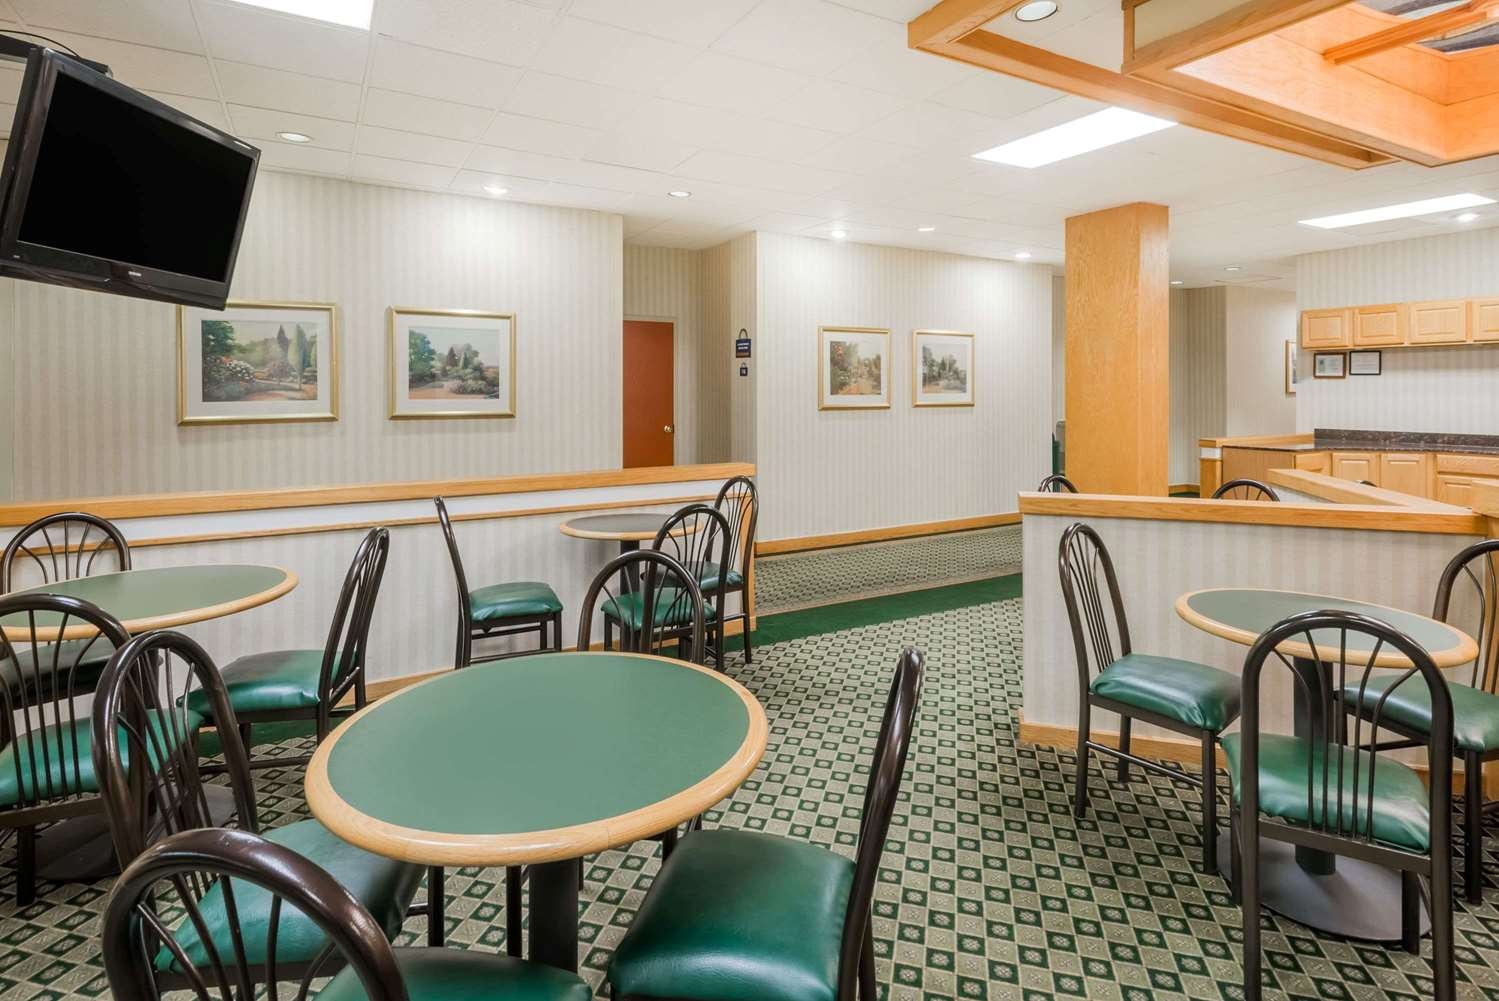 Days Inn Erie, PA - See Discounts